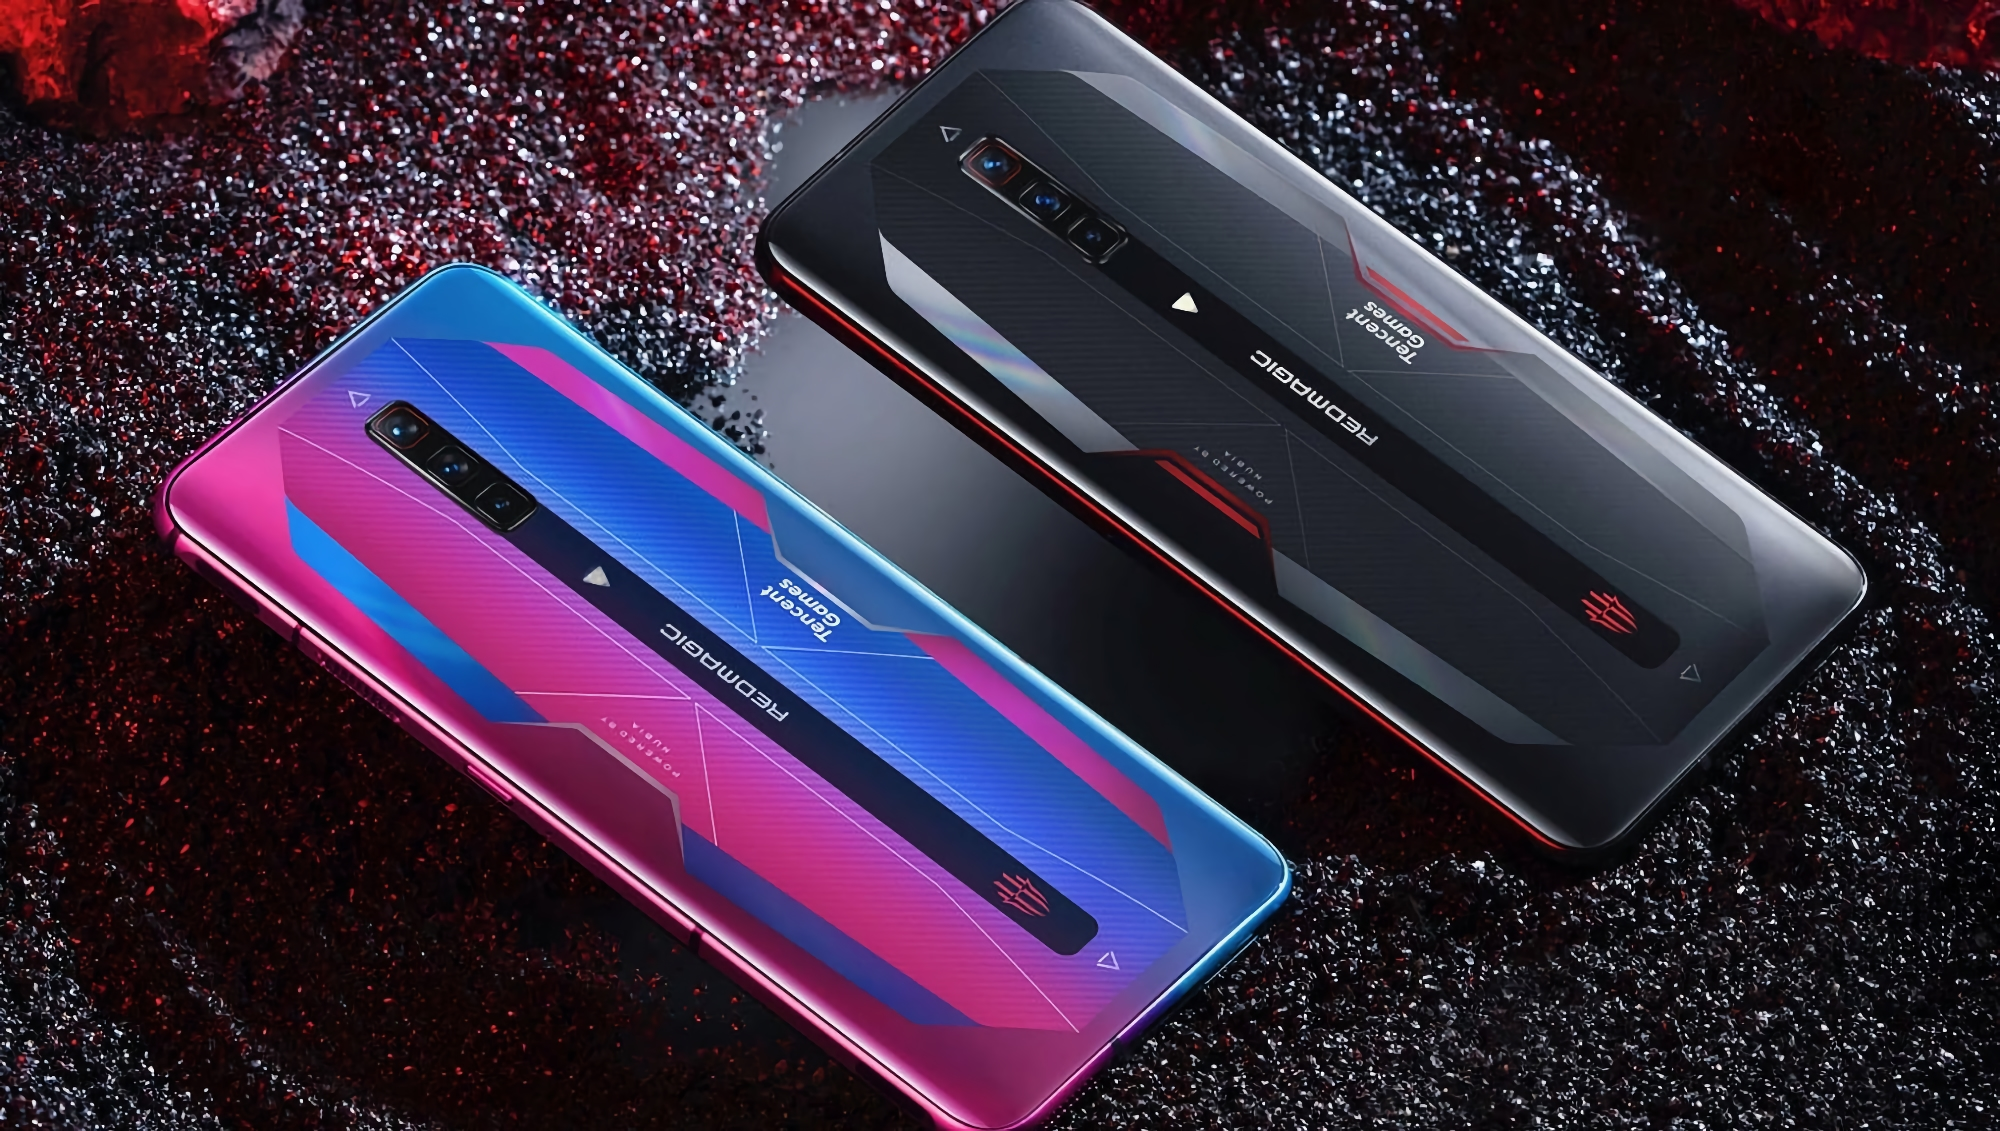 Nubia представила Red Magic 6 и Red Magic 6 Pro с чипами Snapdragon 888, 18 ГБ ОЗУ и экранами на 165 Гц